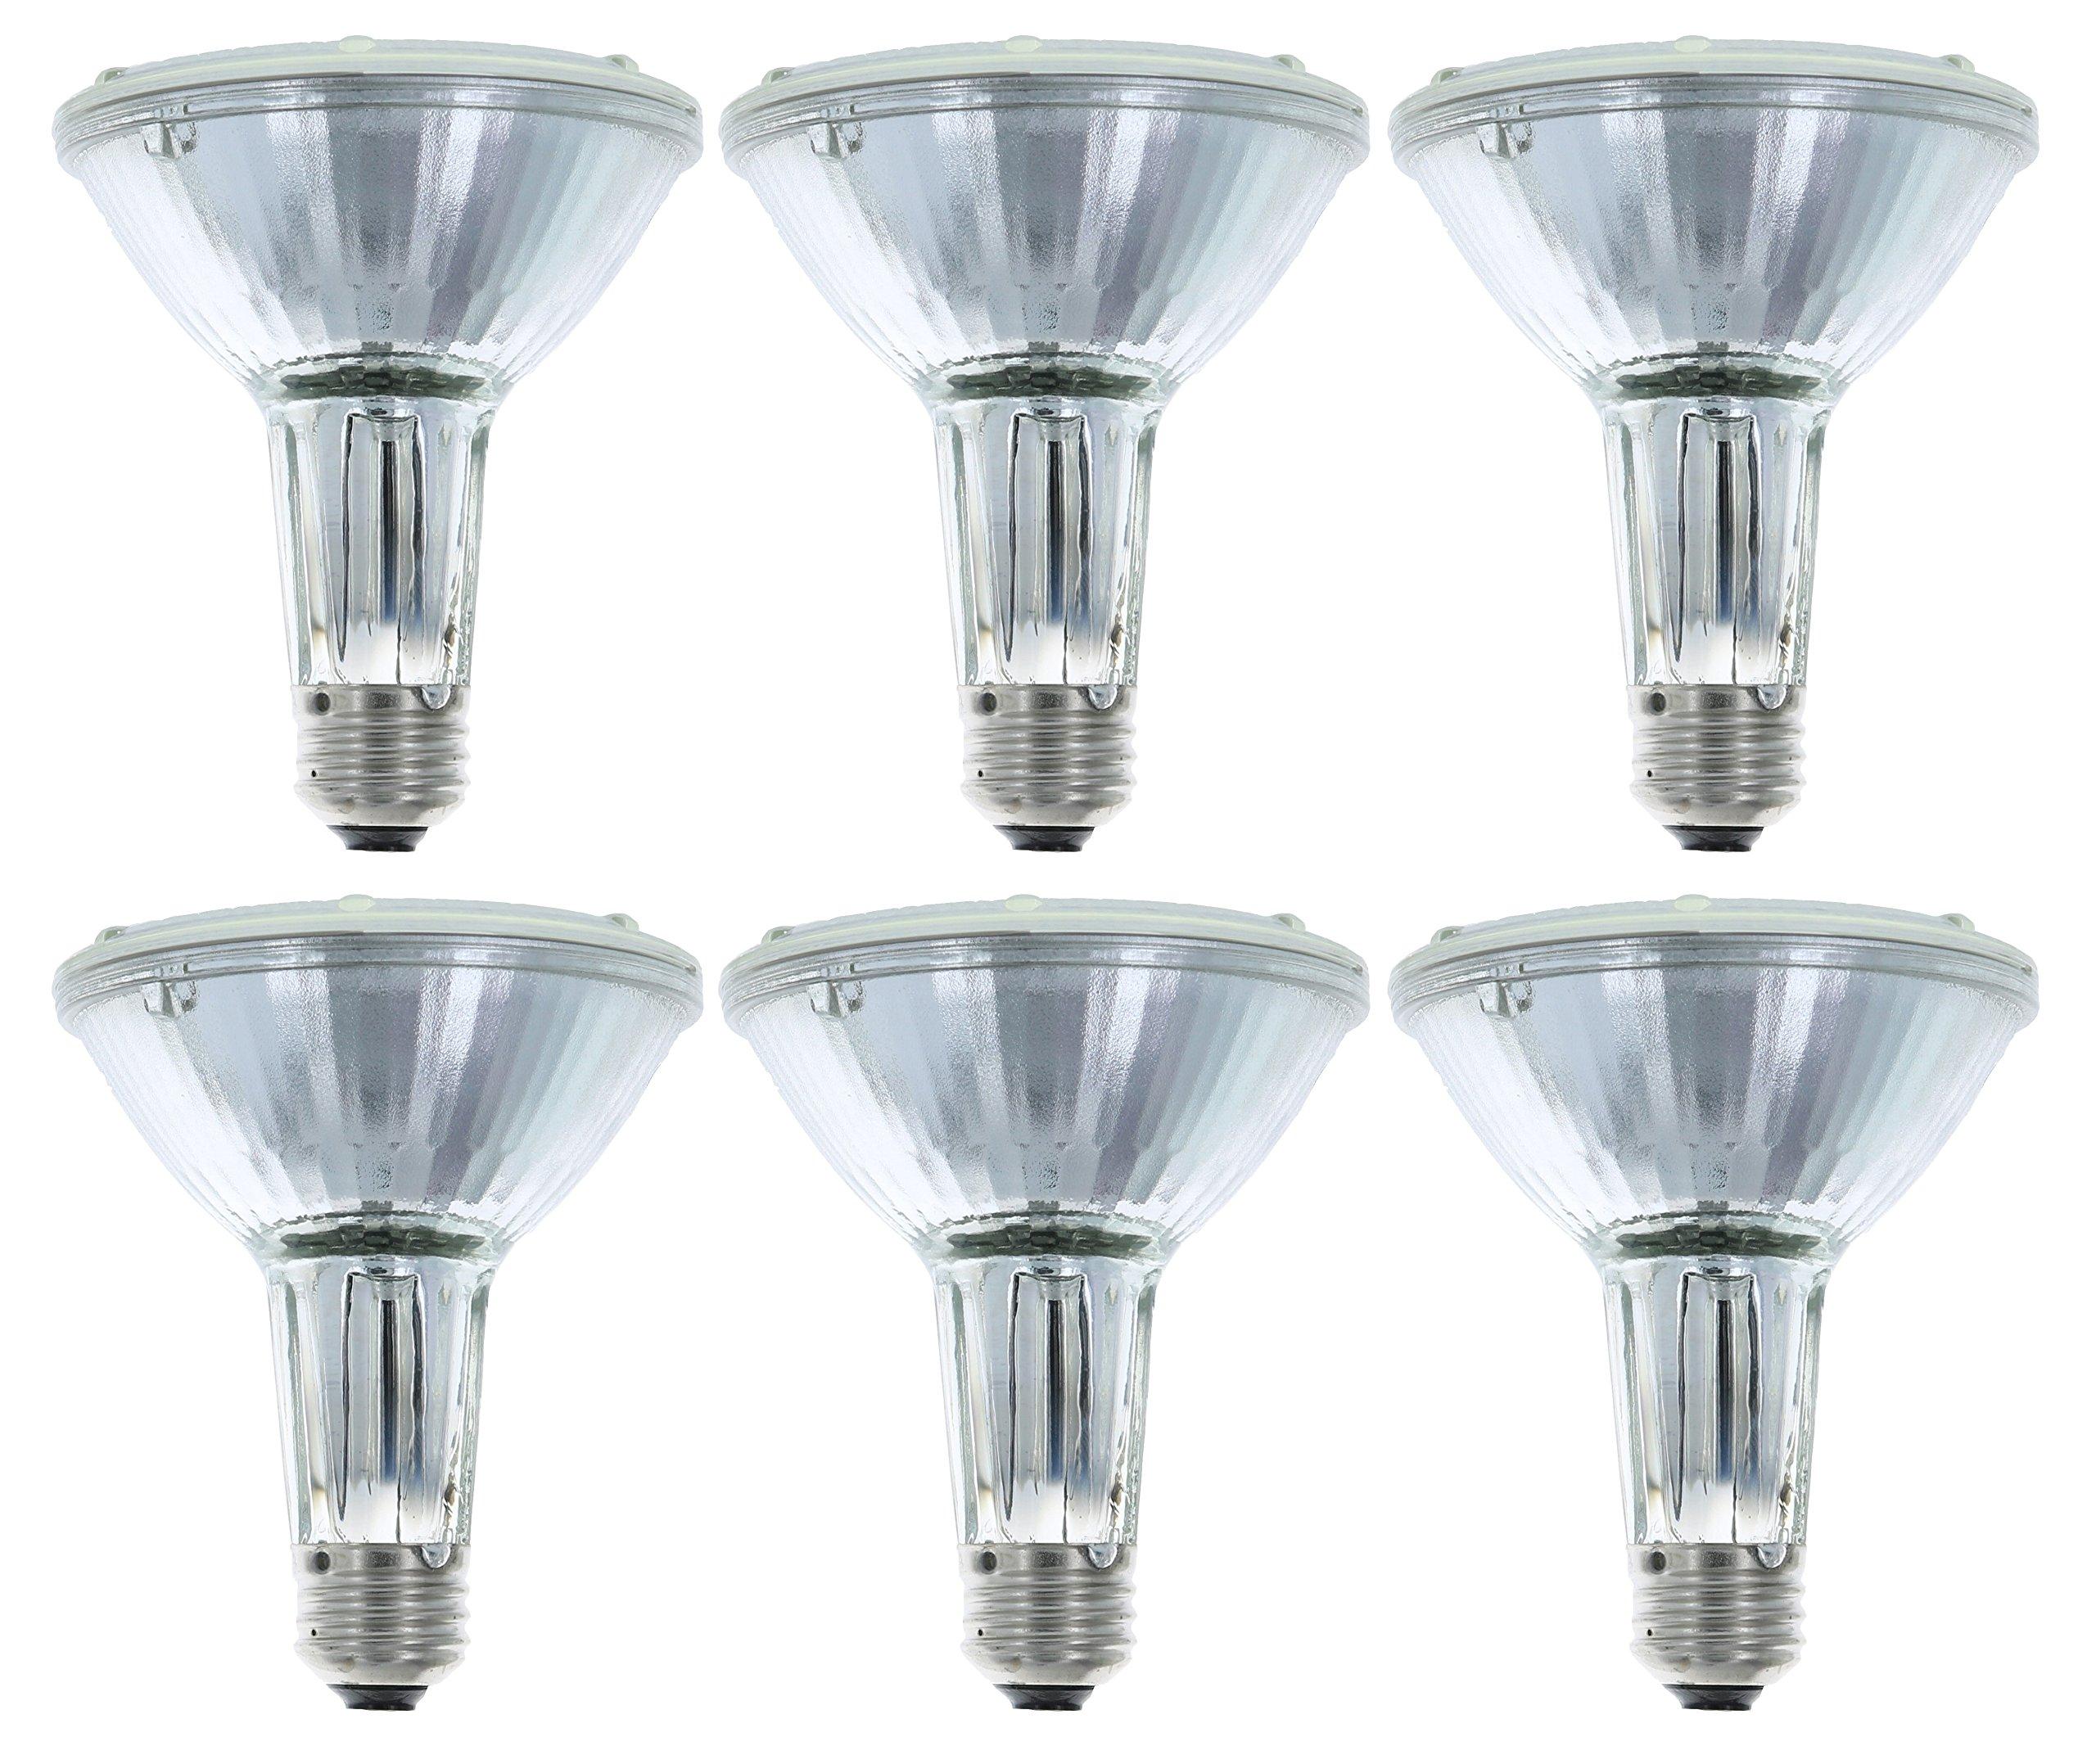 Philips 419549 Halogen PAR30L 75 Watt Equivalent Flood Light Bulb for Recessed Indoor and Outdoor Fixtures, 6 Pack